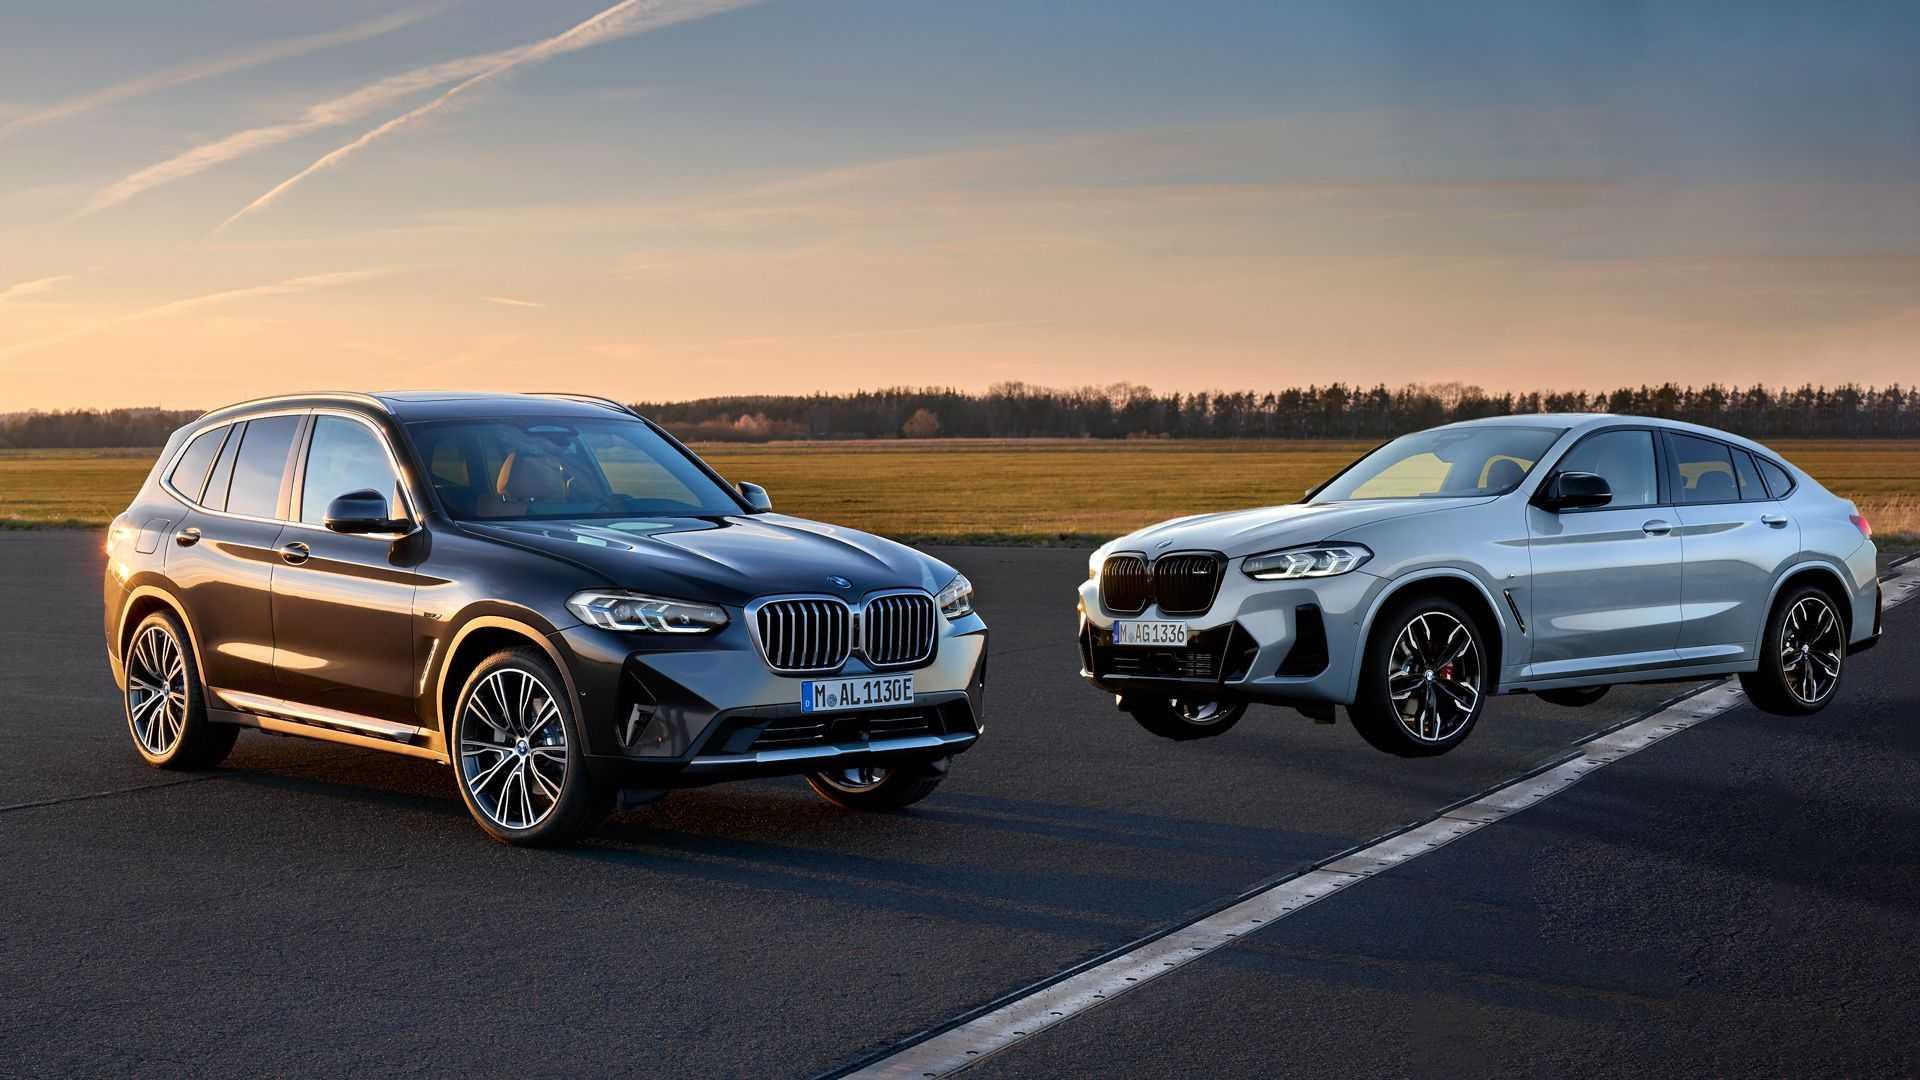 BMW презентувала оновлені кросовери X3 та X4